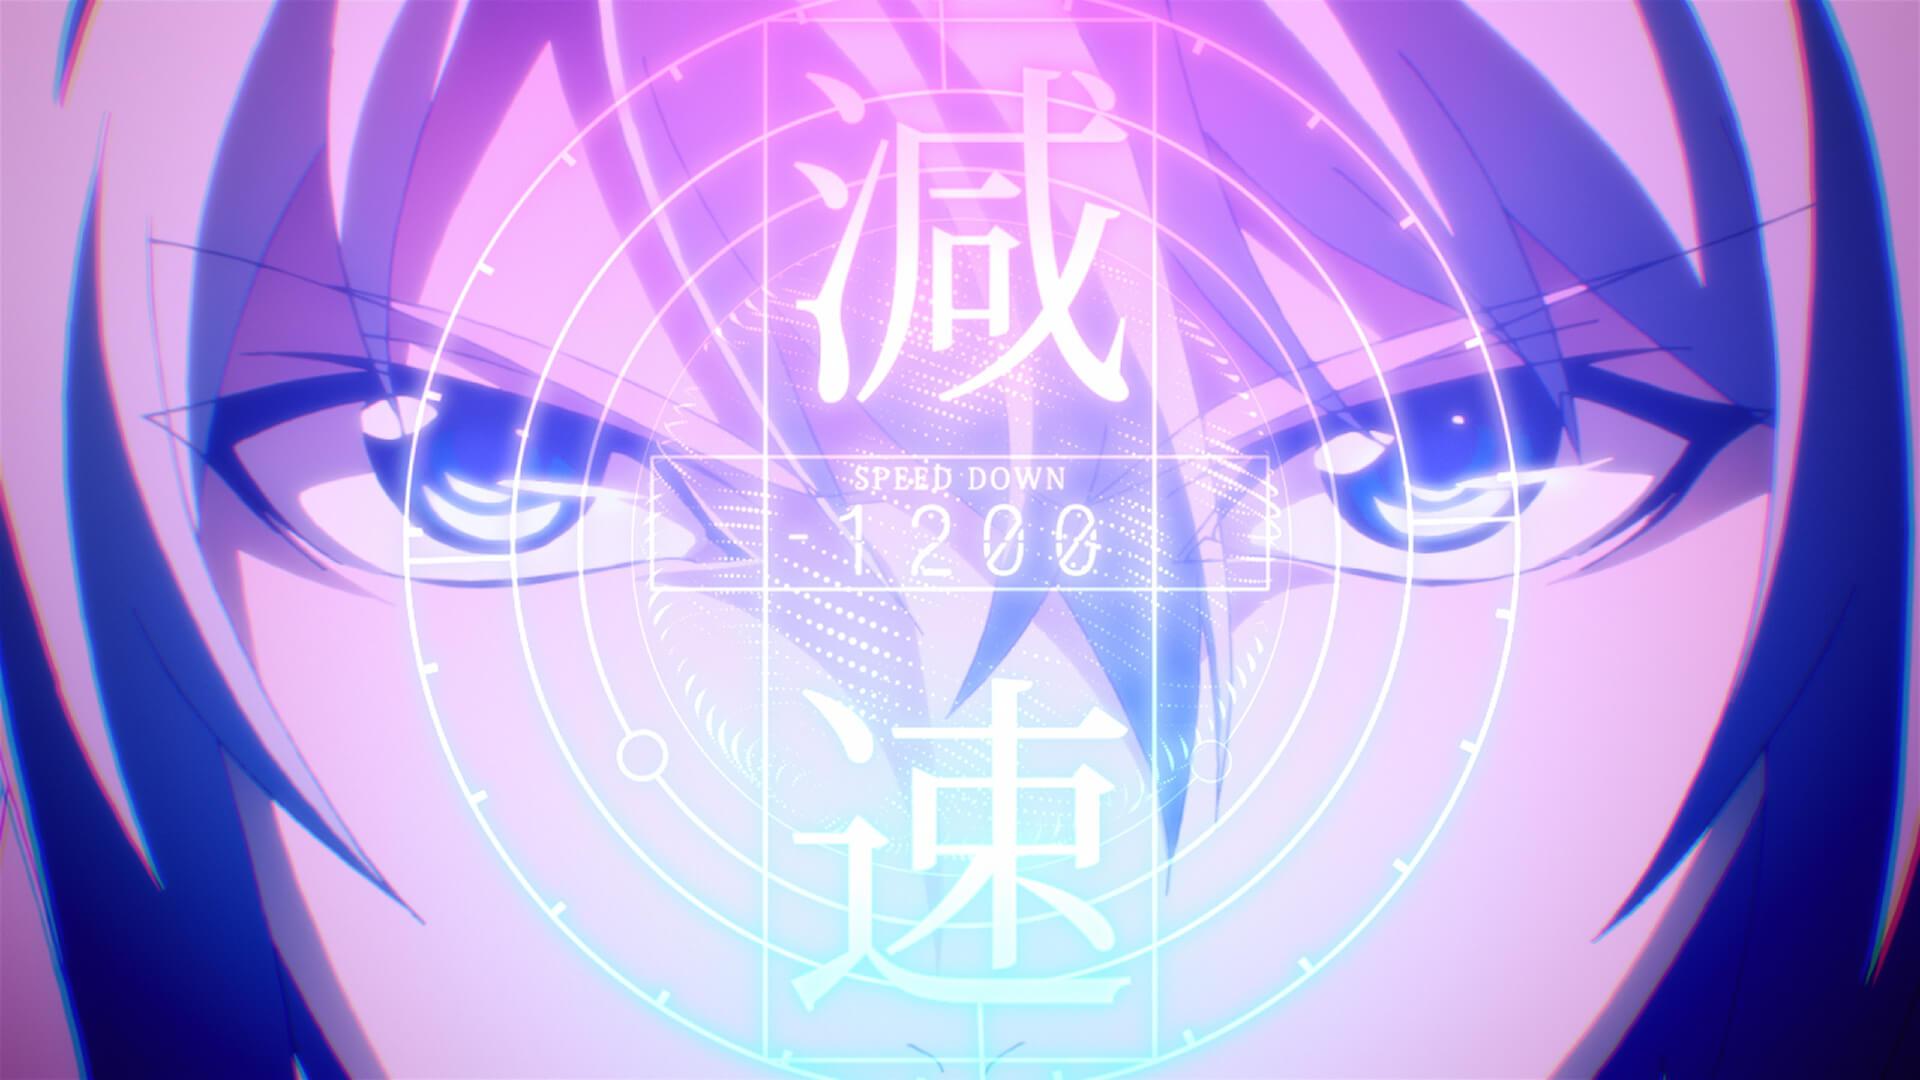 作画✕モーショングラフィックスで1クールをつくりきる </br>TVアニメ『時間の支配者』の挑戦